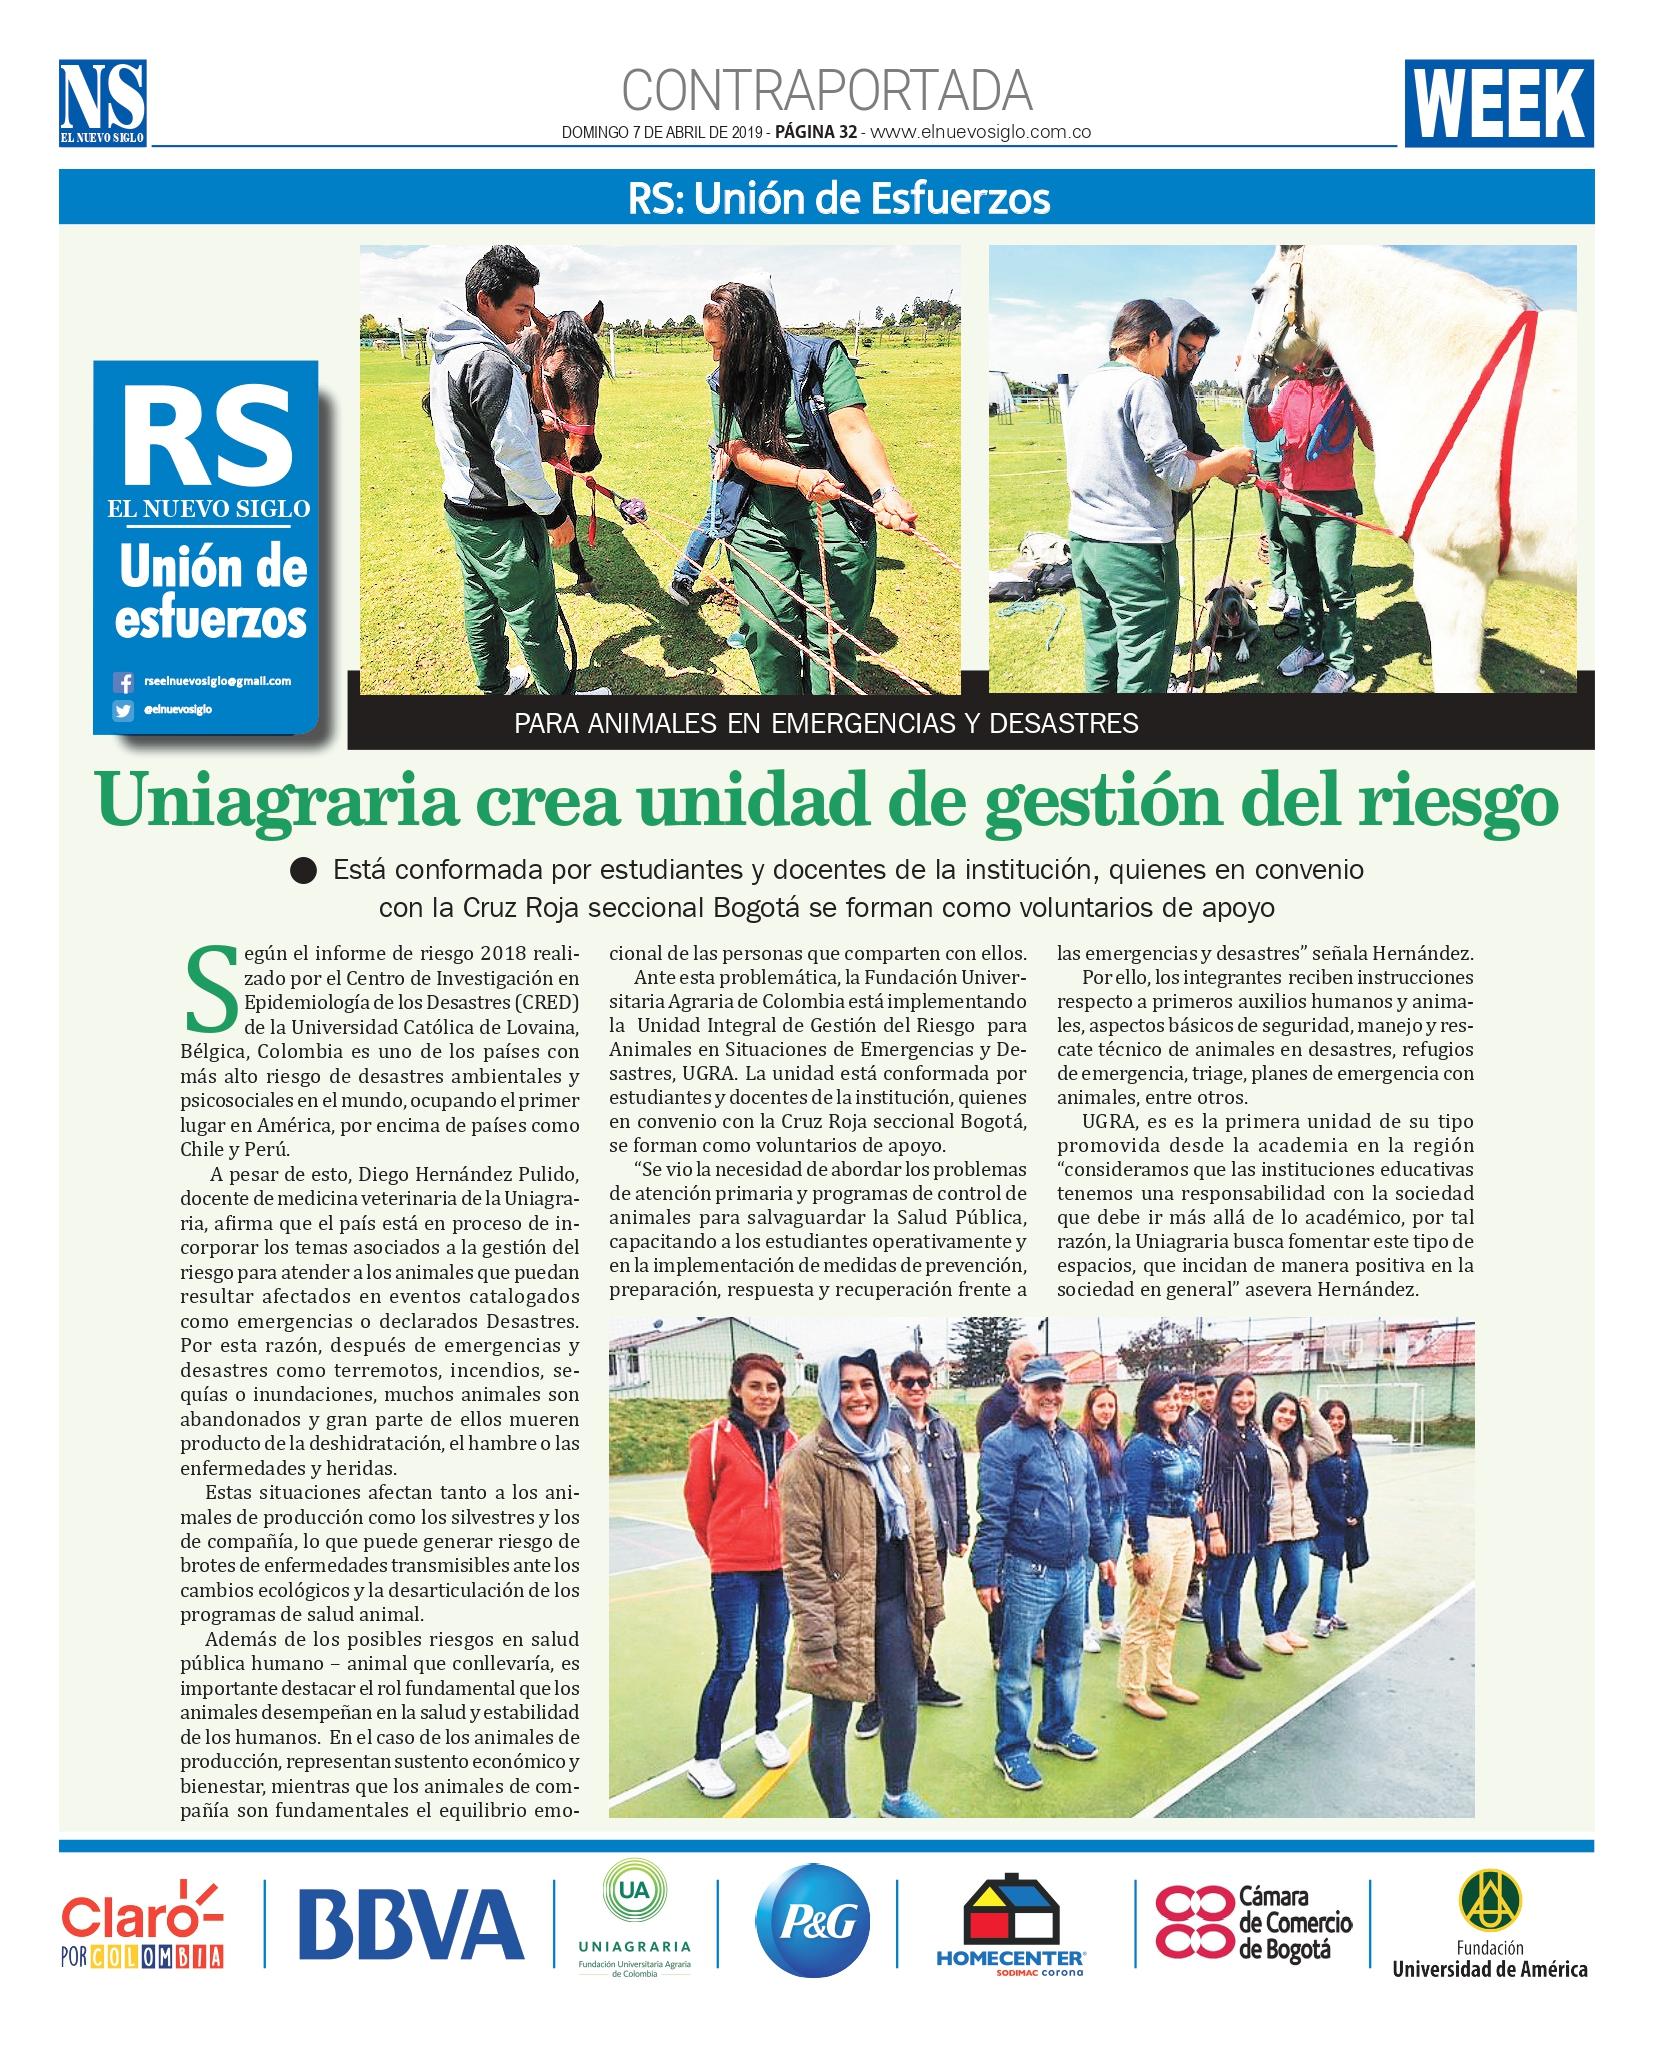 Uniagraria crea unidad de gestión del riesgo. #UAenmedios